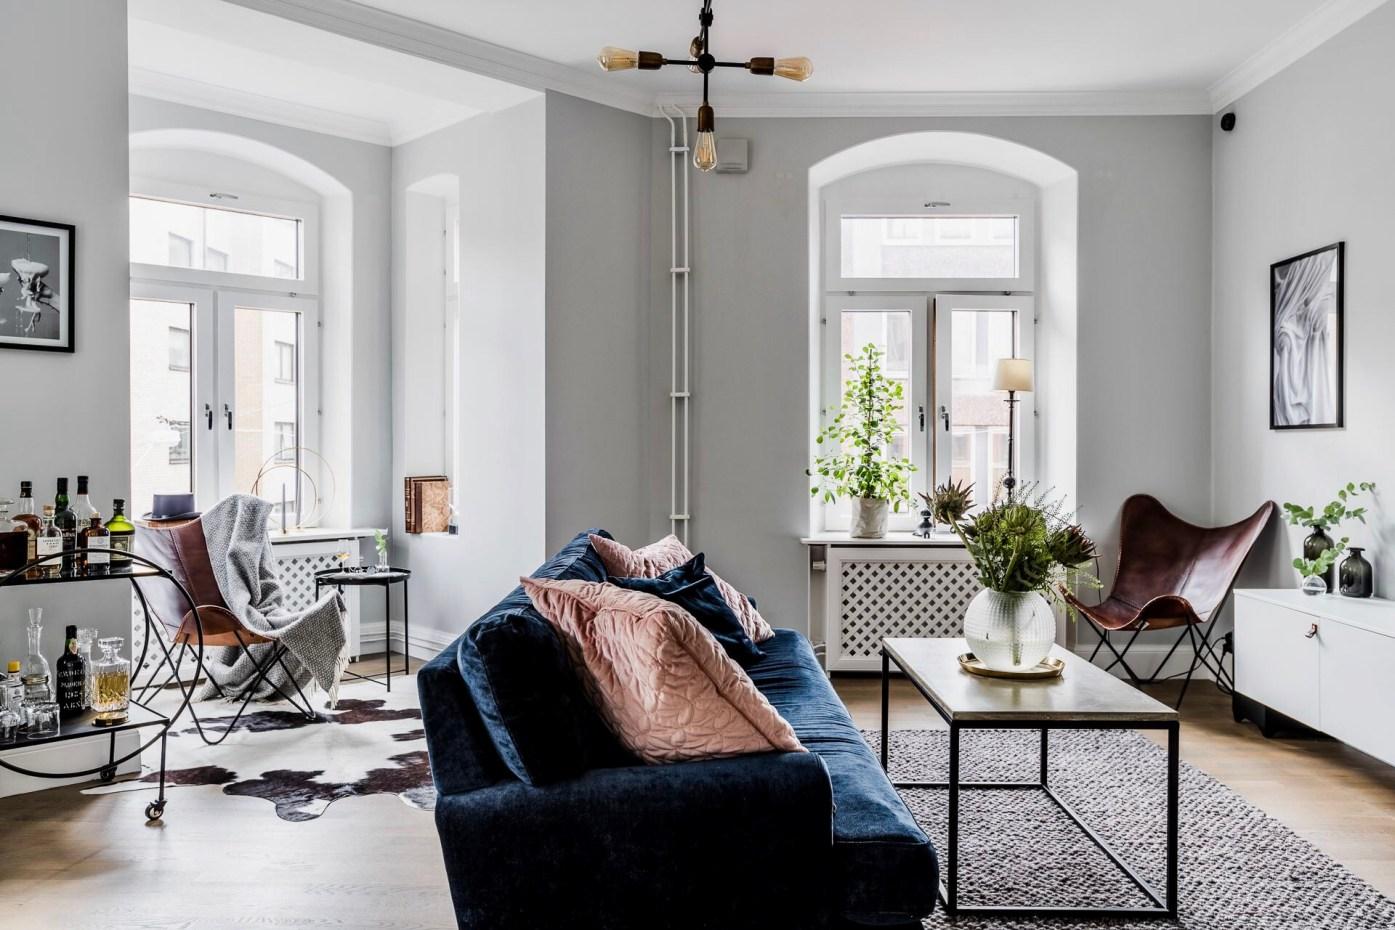 гостиная диван окно эркер